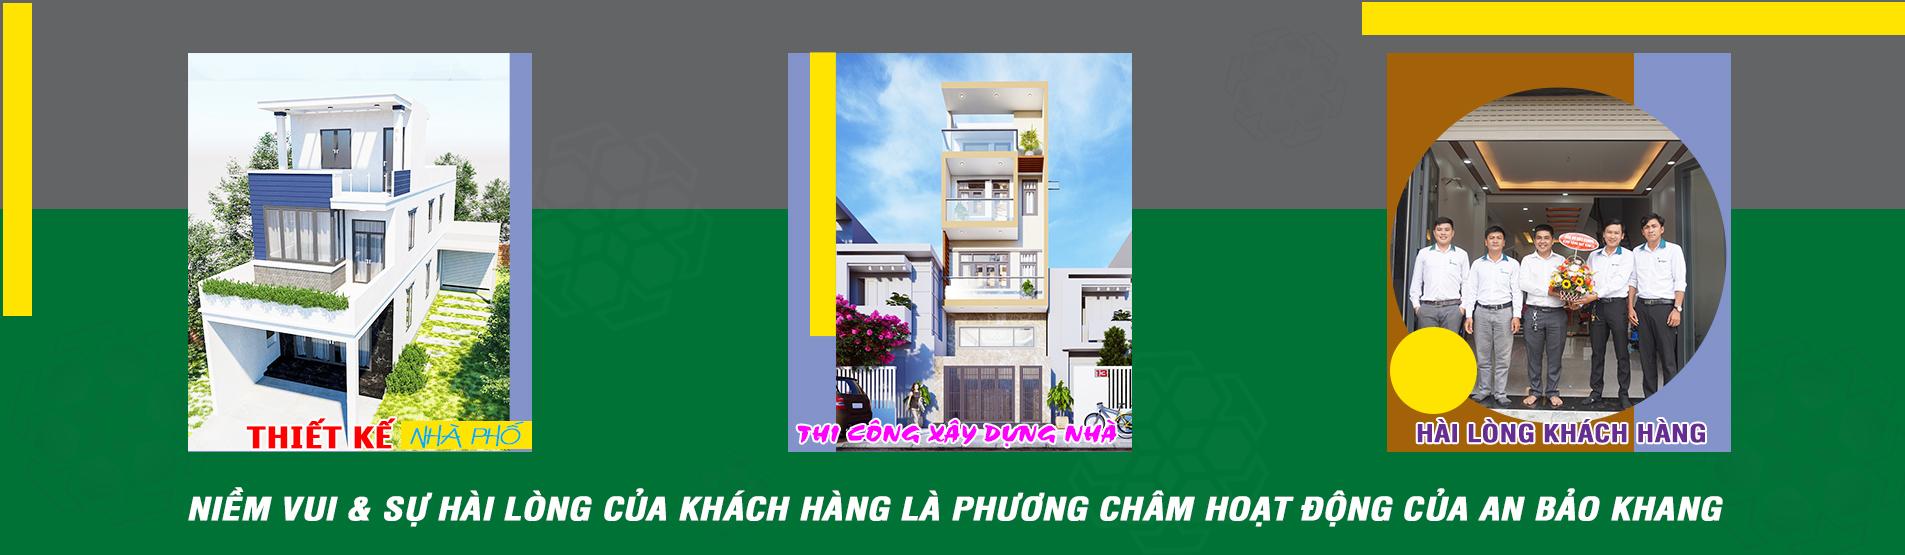 Banner phương châm hoạt động của An Bảo Khang